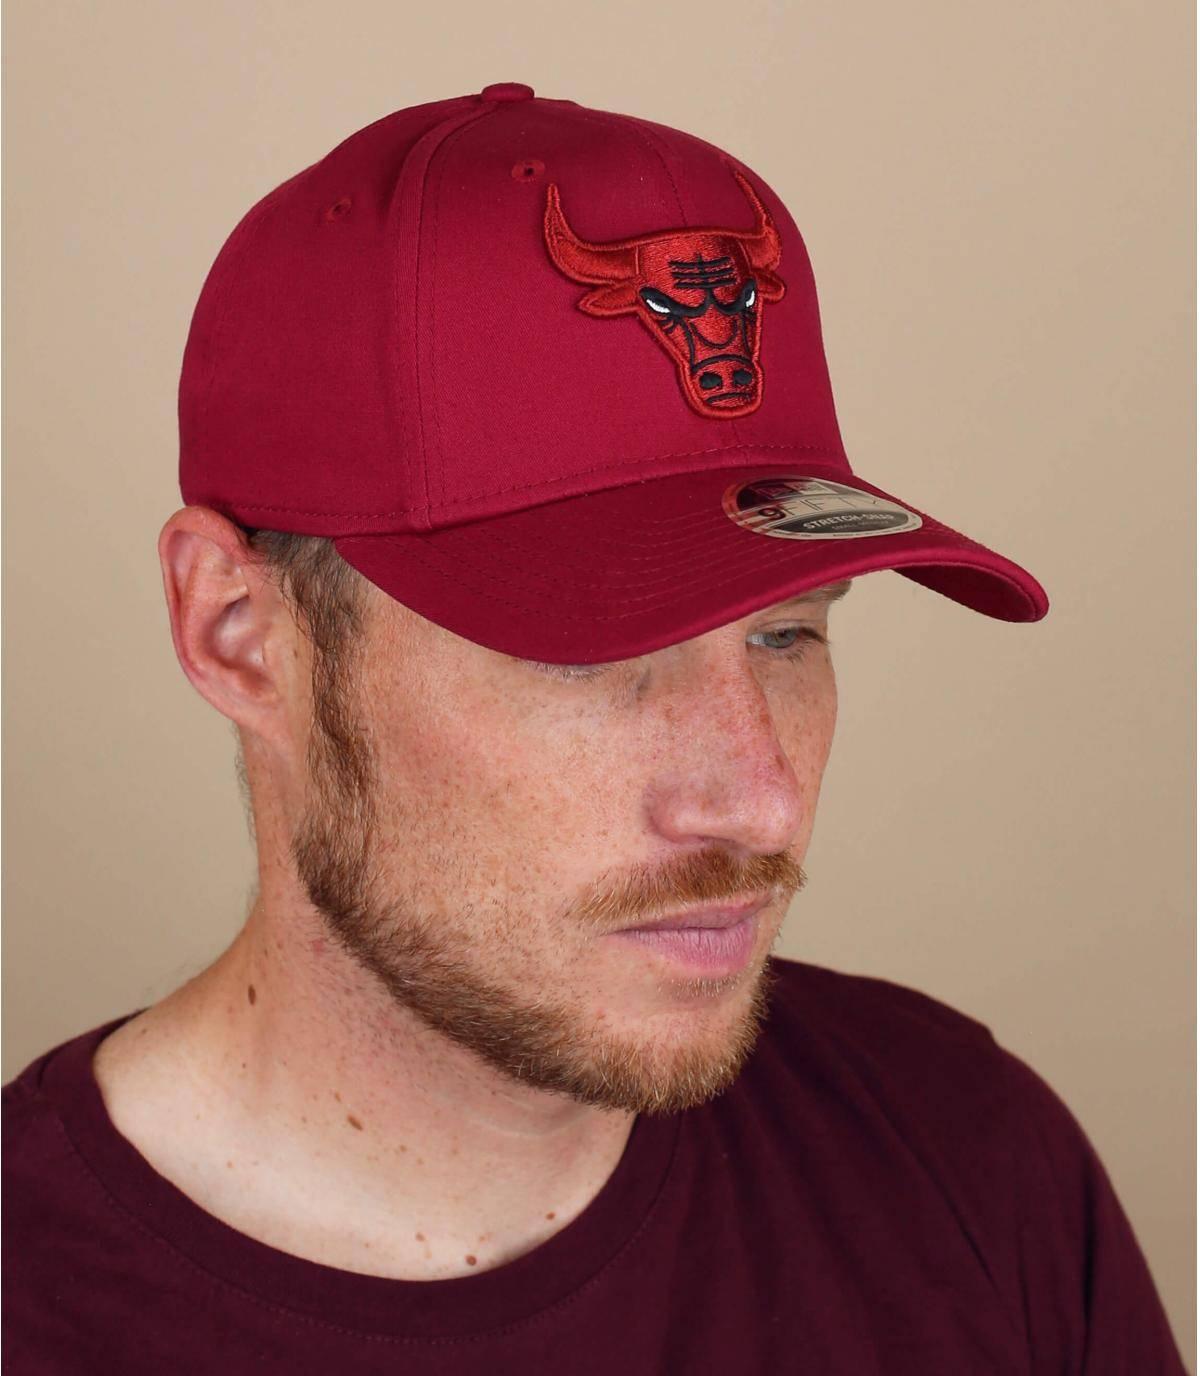 cappellino Bulls rosso